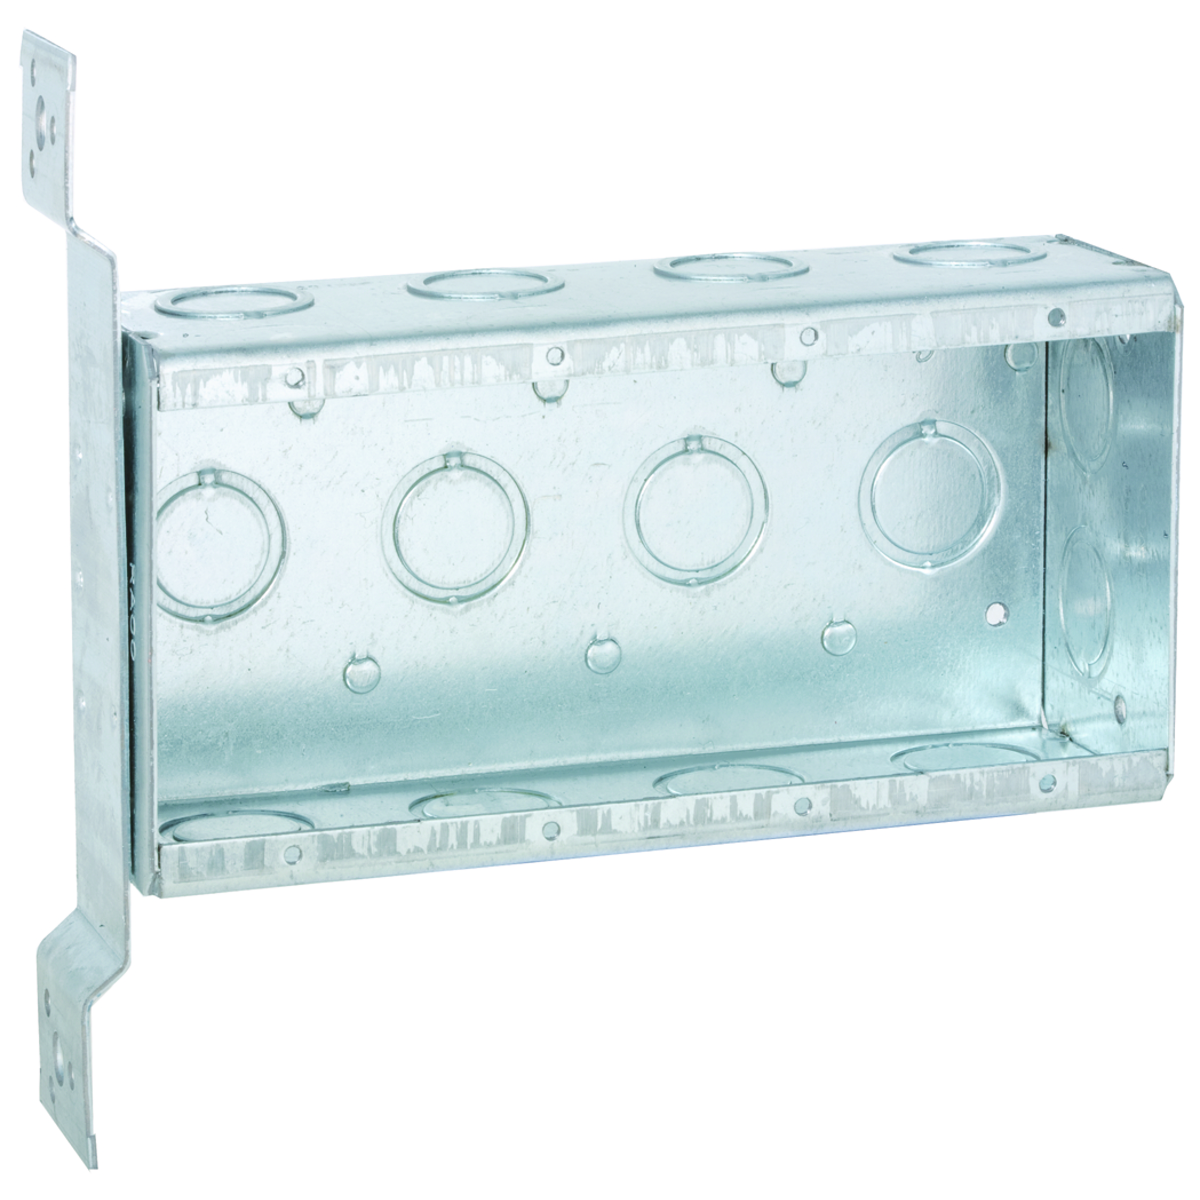 RAC 687 4G BOX 2-1/2DP 1/2-3/4KO FMBKT